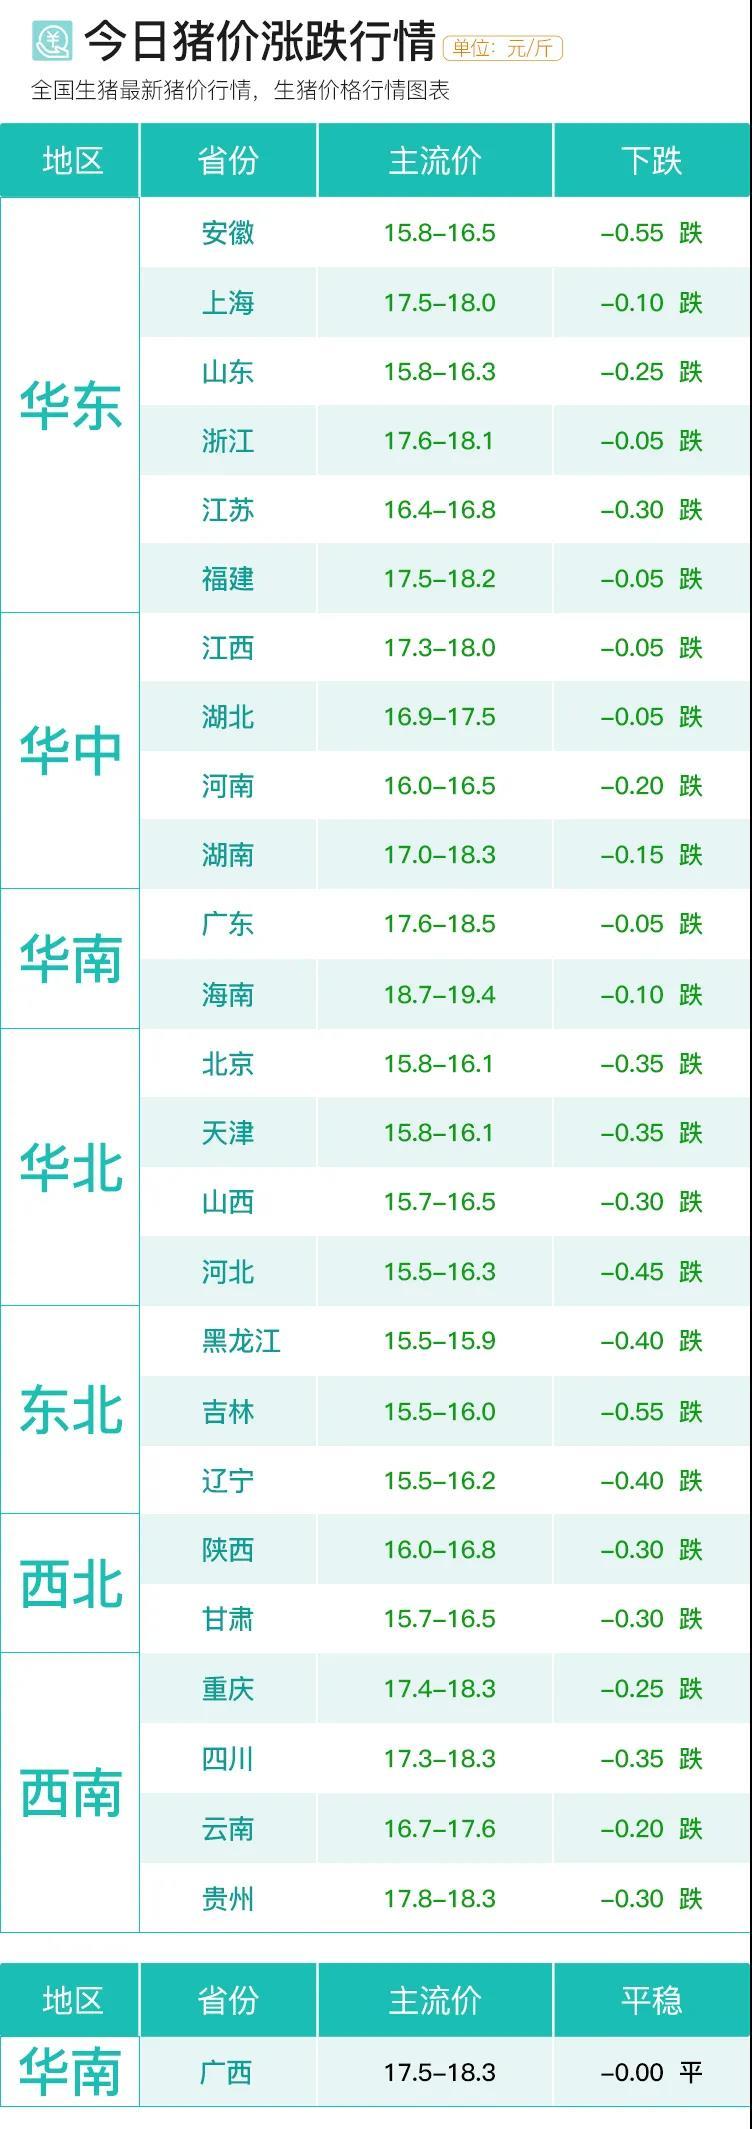 9月24日猪价真正暴跌来临,跌不到底?